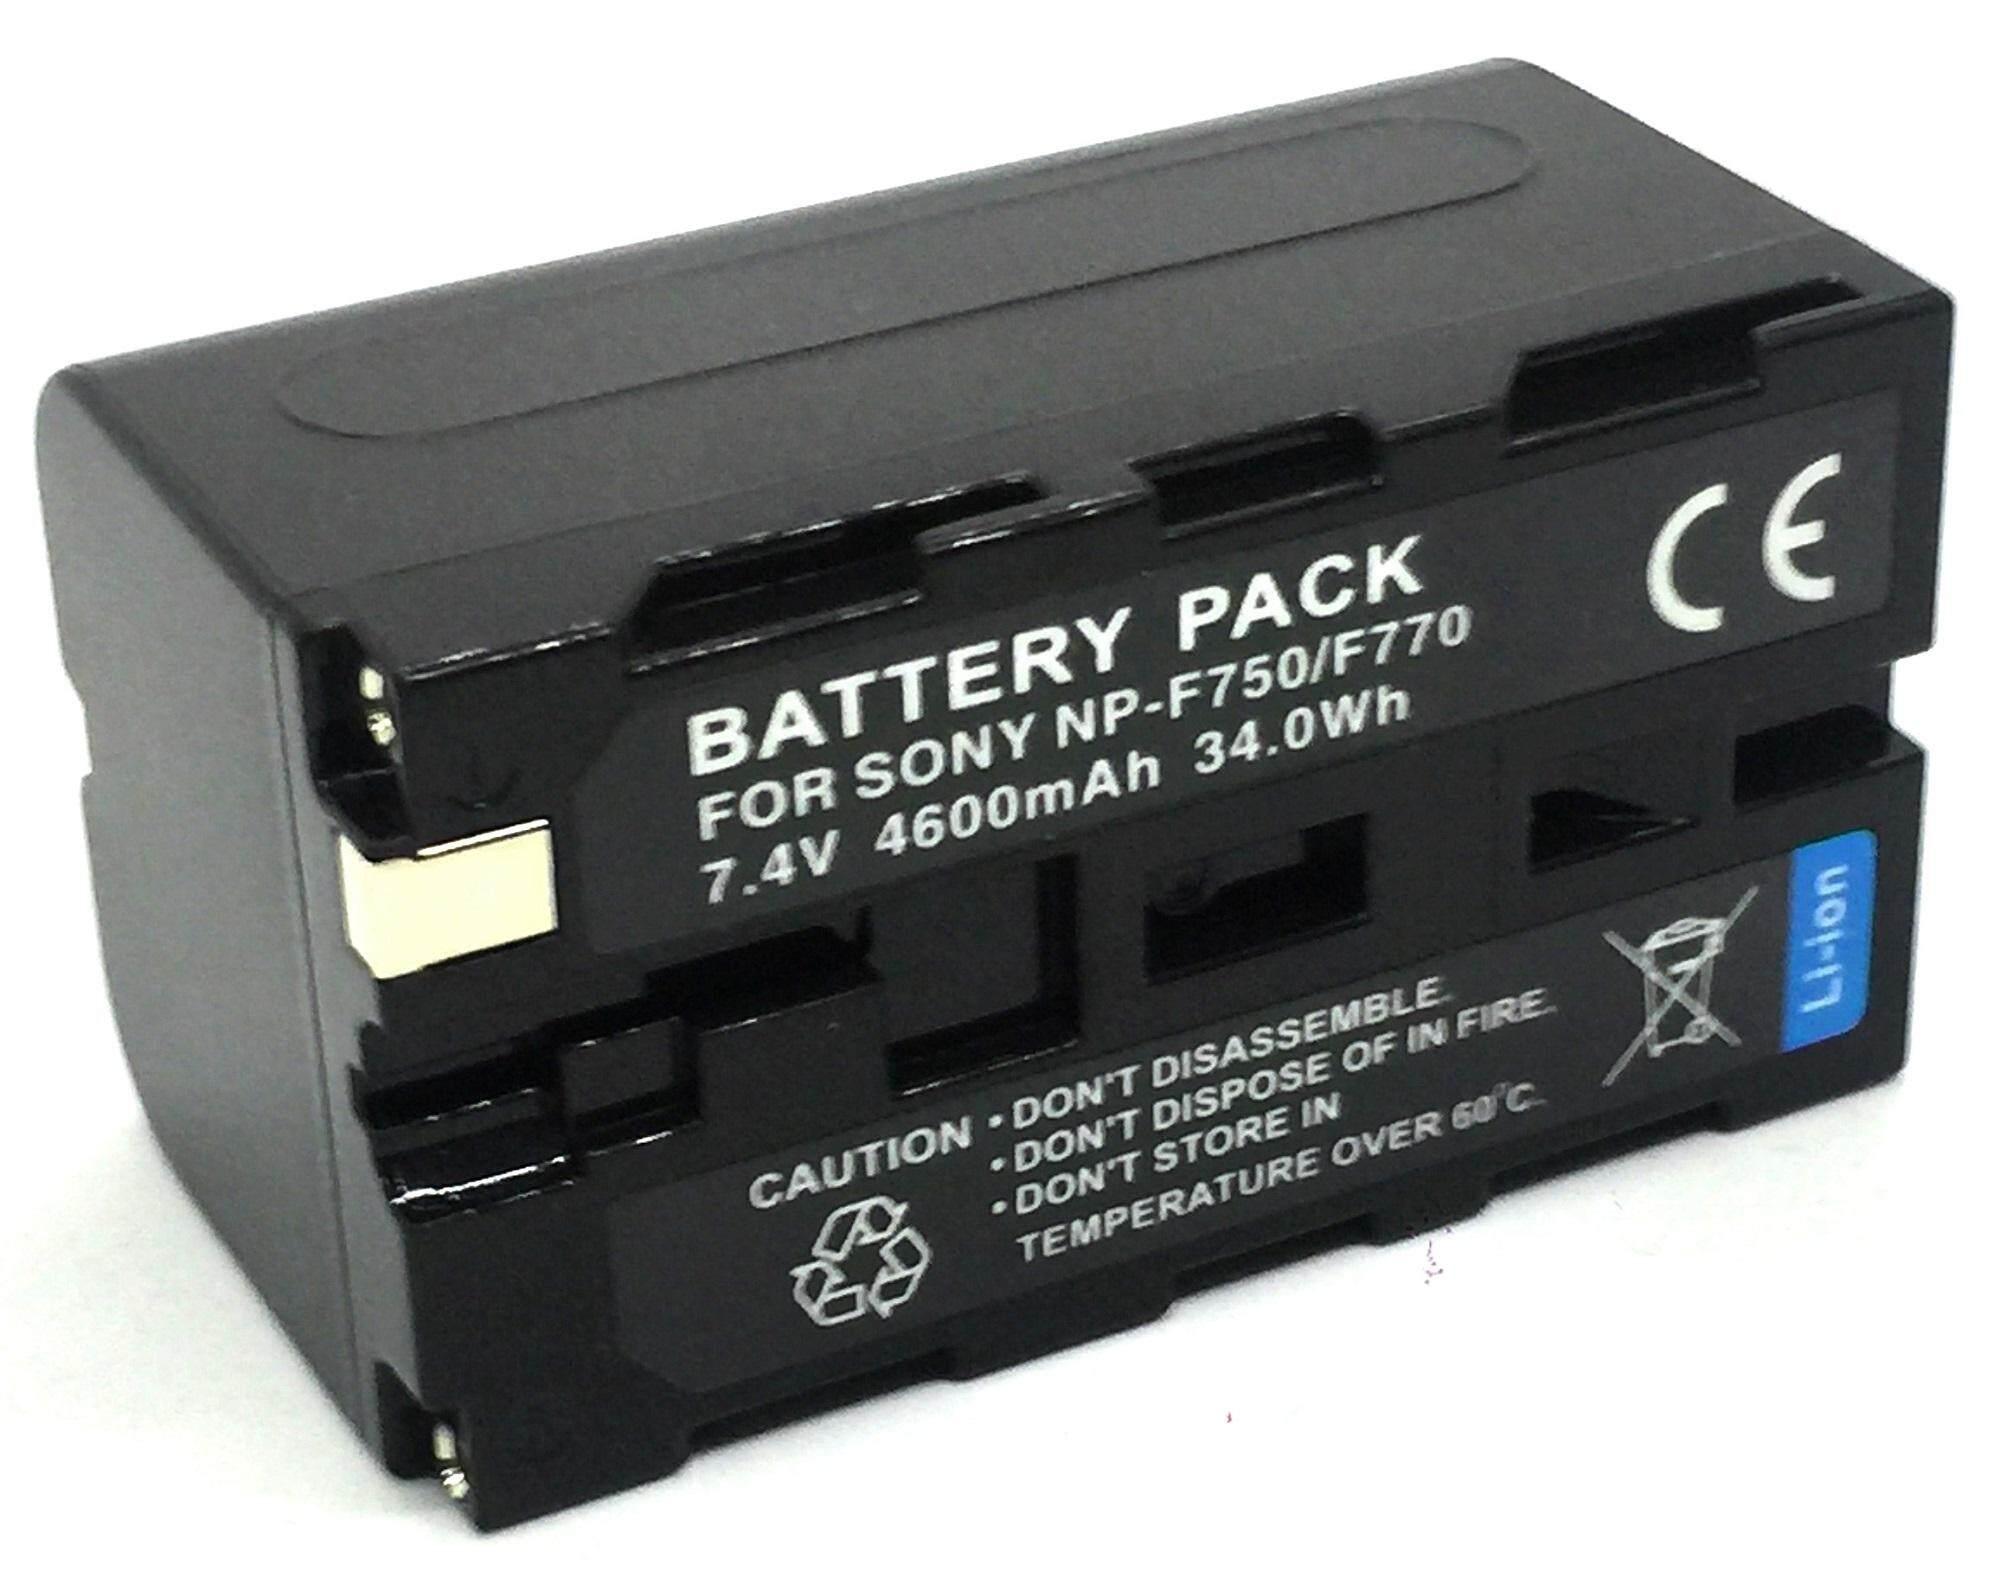 แบตเตอรี่กล้องโซนี่ รหัส Np-F730 Np-F750 Np-F760 Np-F770 แบตใช้กับกล้อง Sony Ccd-Tr845, Tr87, Tr910, Tr913, Tr917, Tr918, Tr930, Tr940, Tr950, Tr97 Replacement Battery For Sony By Jaoying_shop.